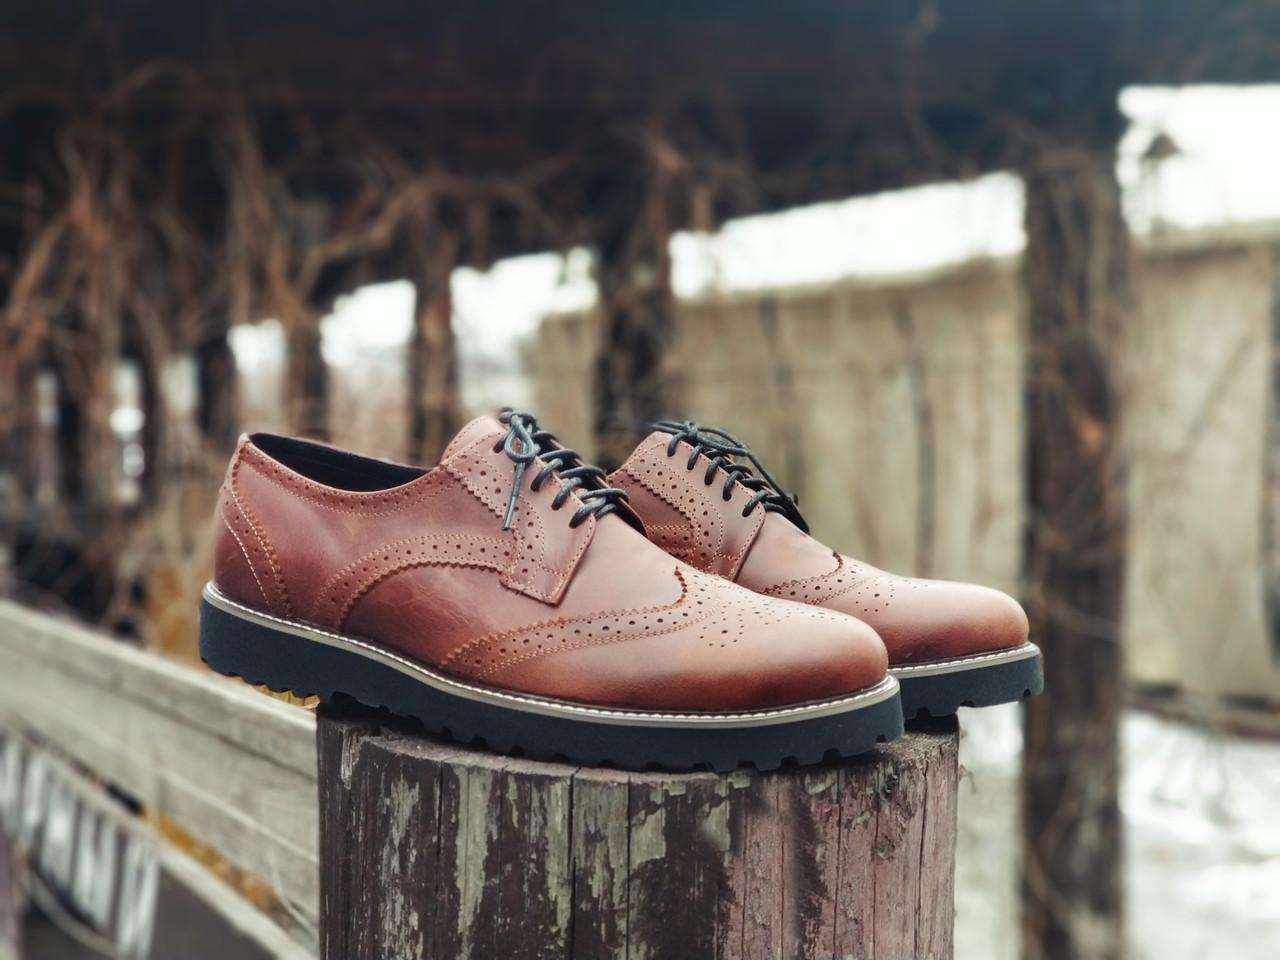 Туфлі броги чоловічі коричневі шкіряні (Onyx) від бренду Legessy розмір 40, 41, 42, 43